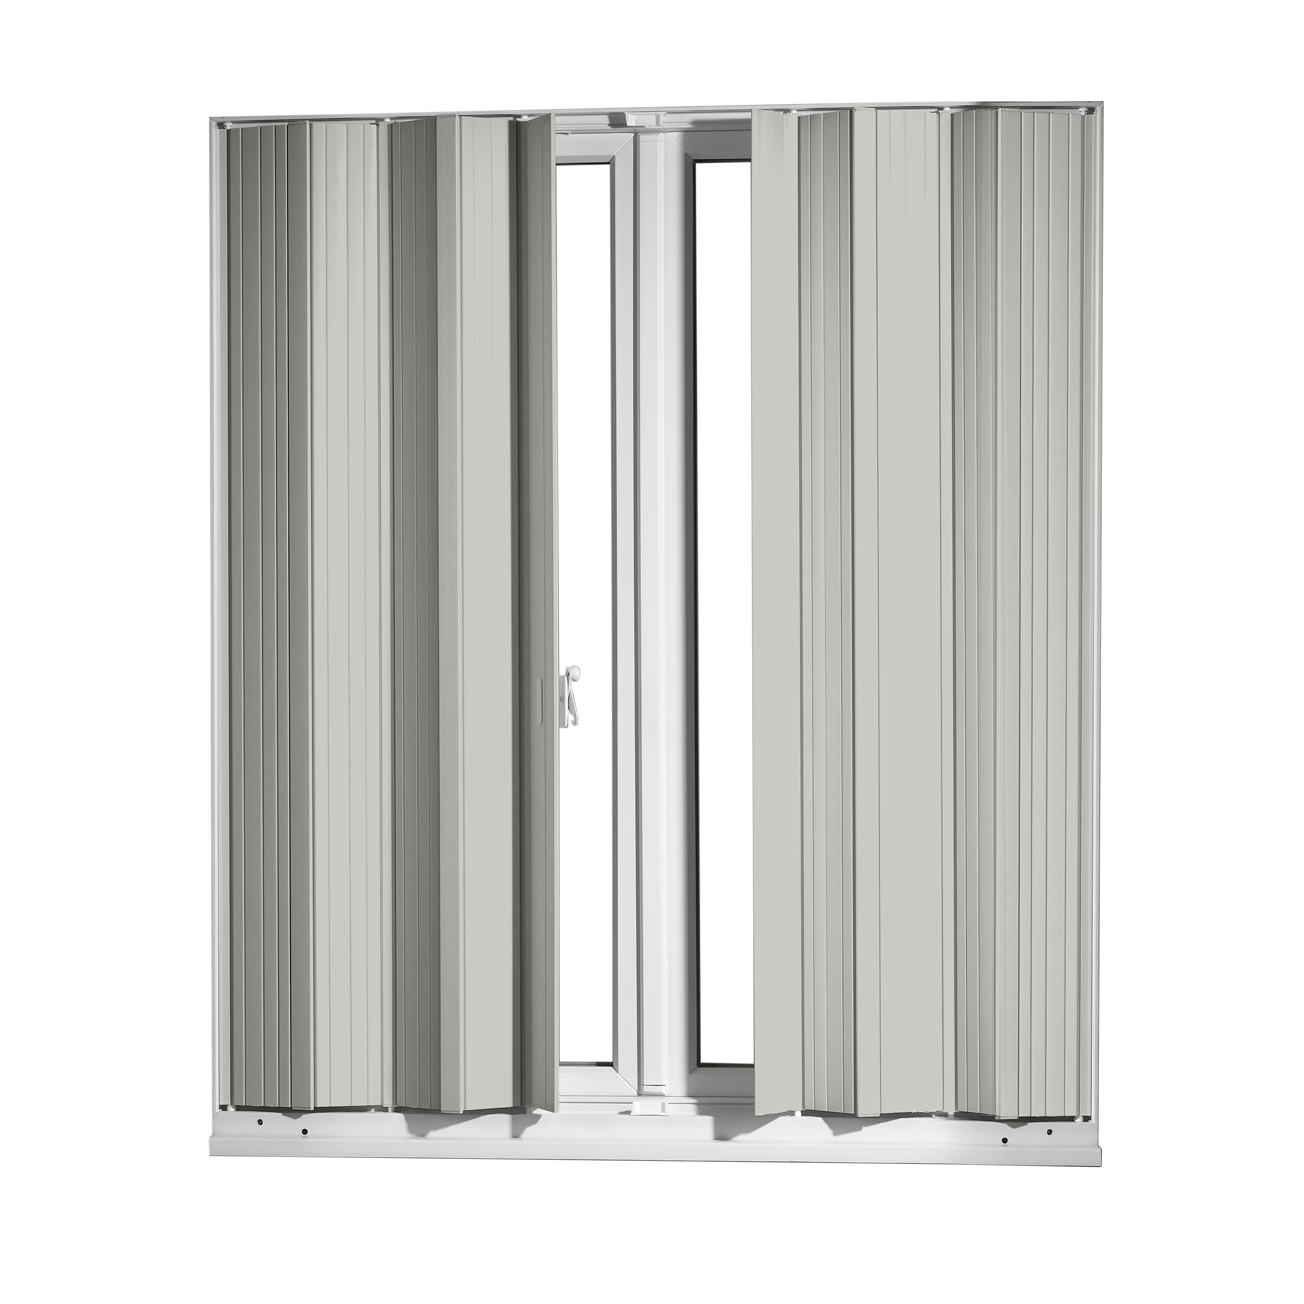 Fenêtre Pvc Fenêtre Alta Persienne Intégrée Grosfillex